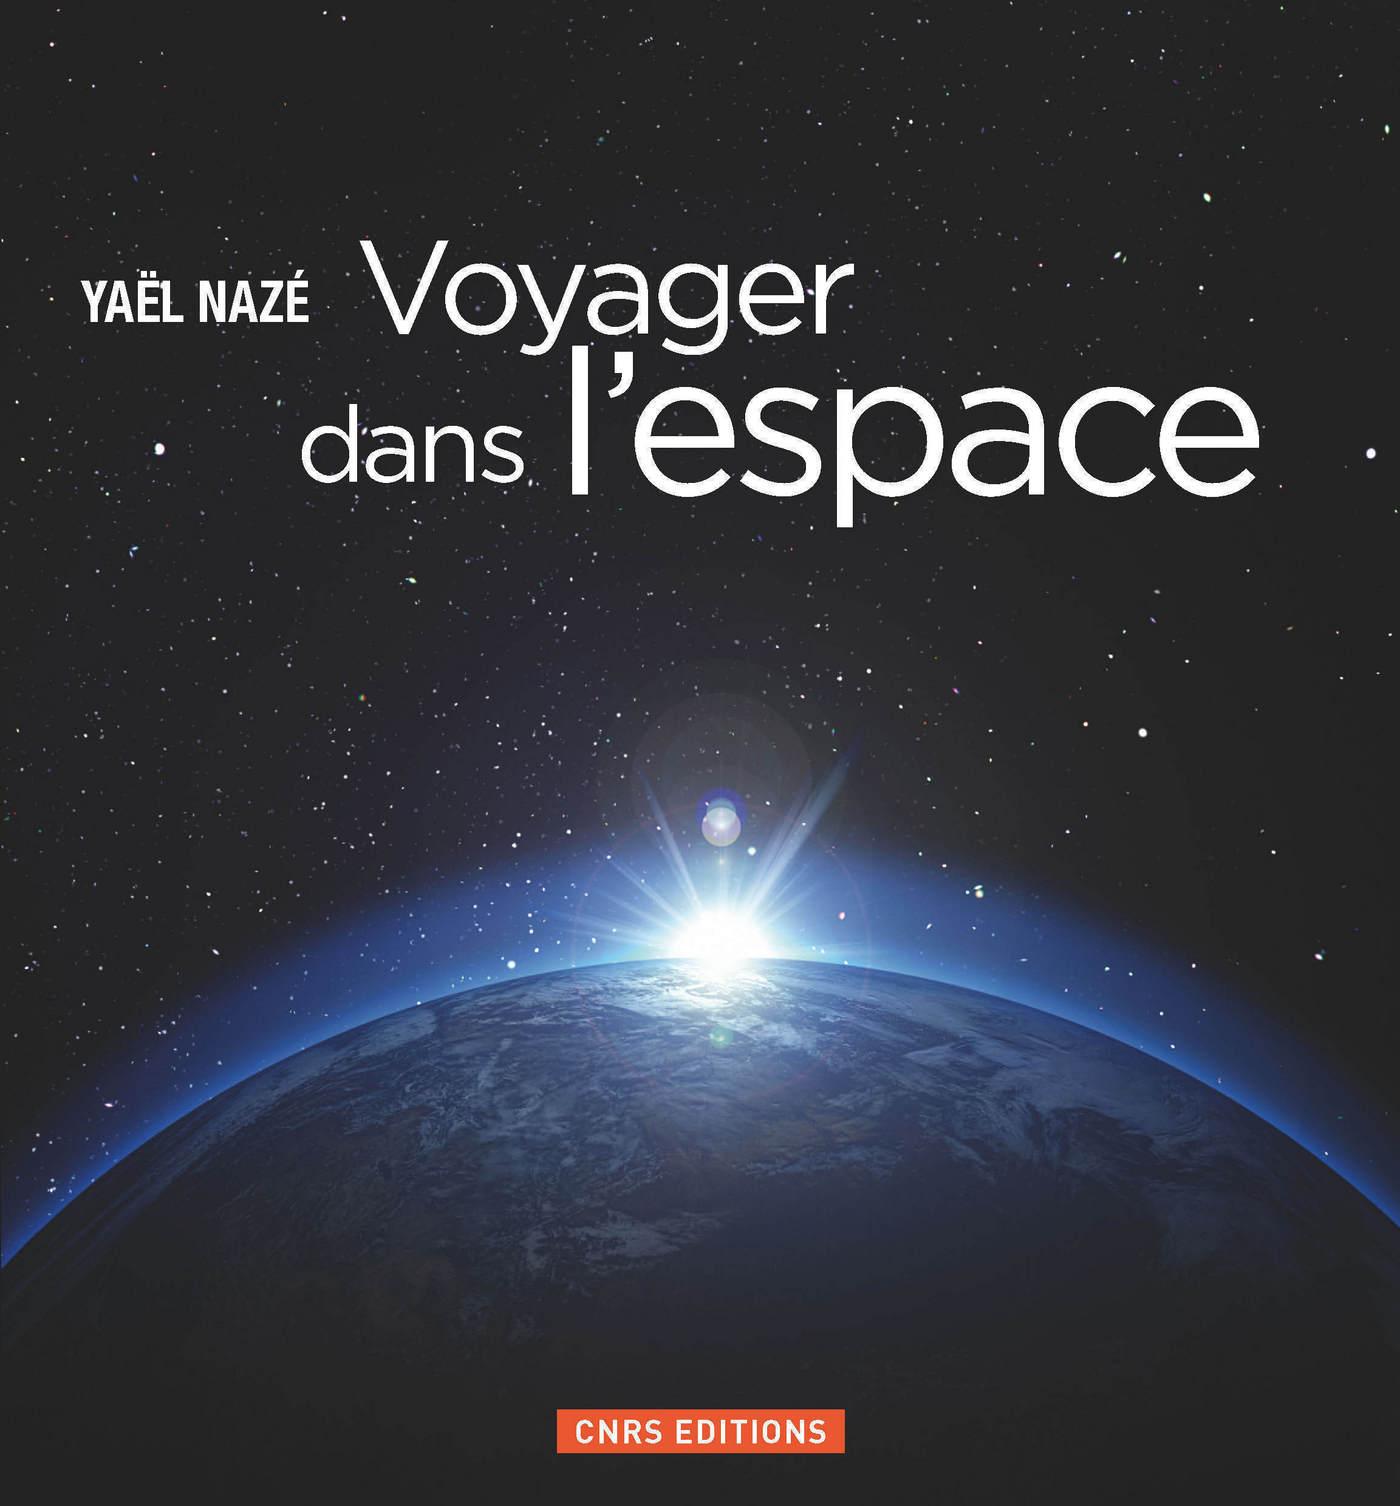 Voyager dans l'espace | NAZE, Yael